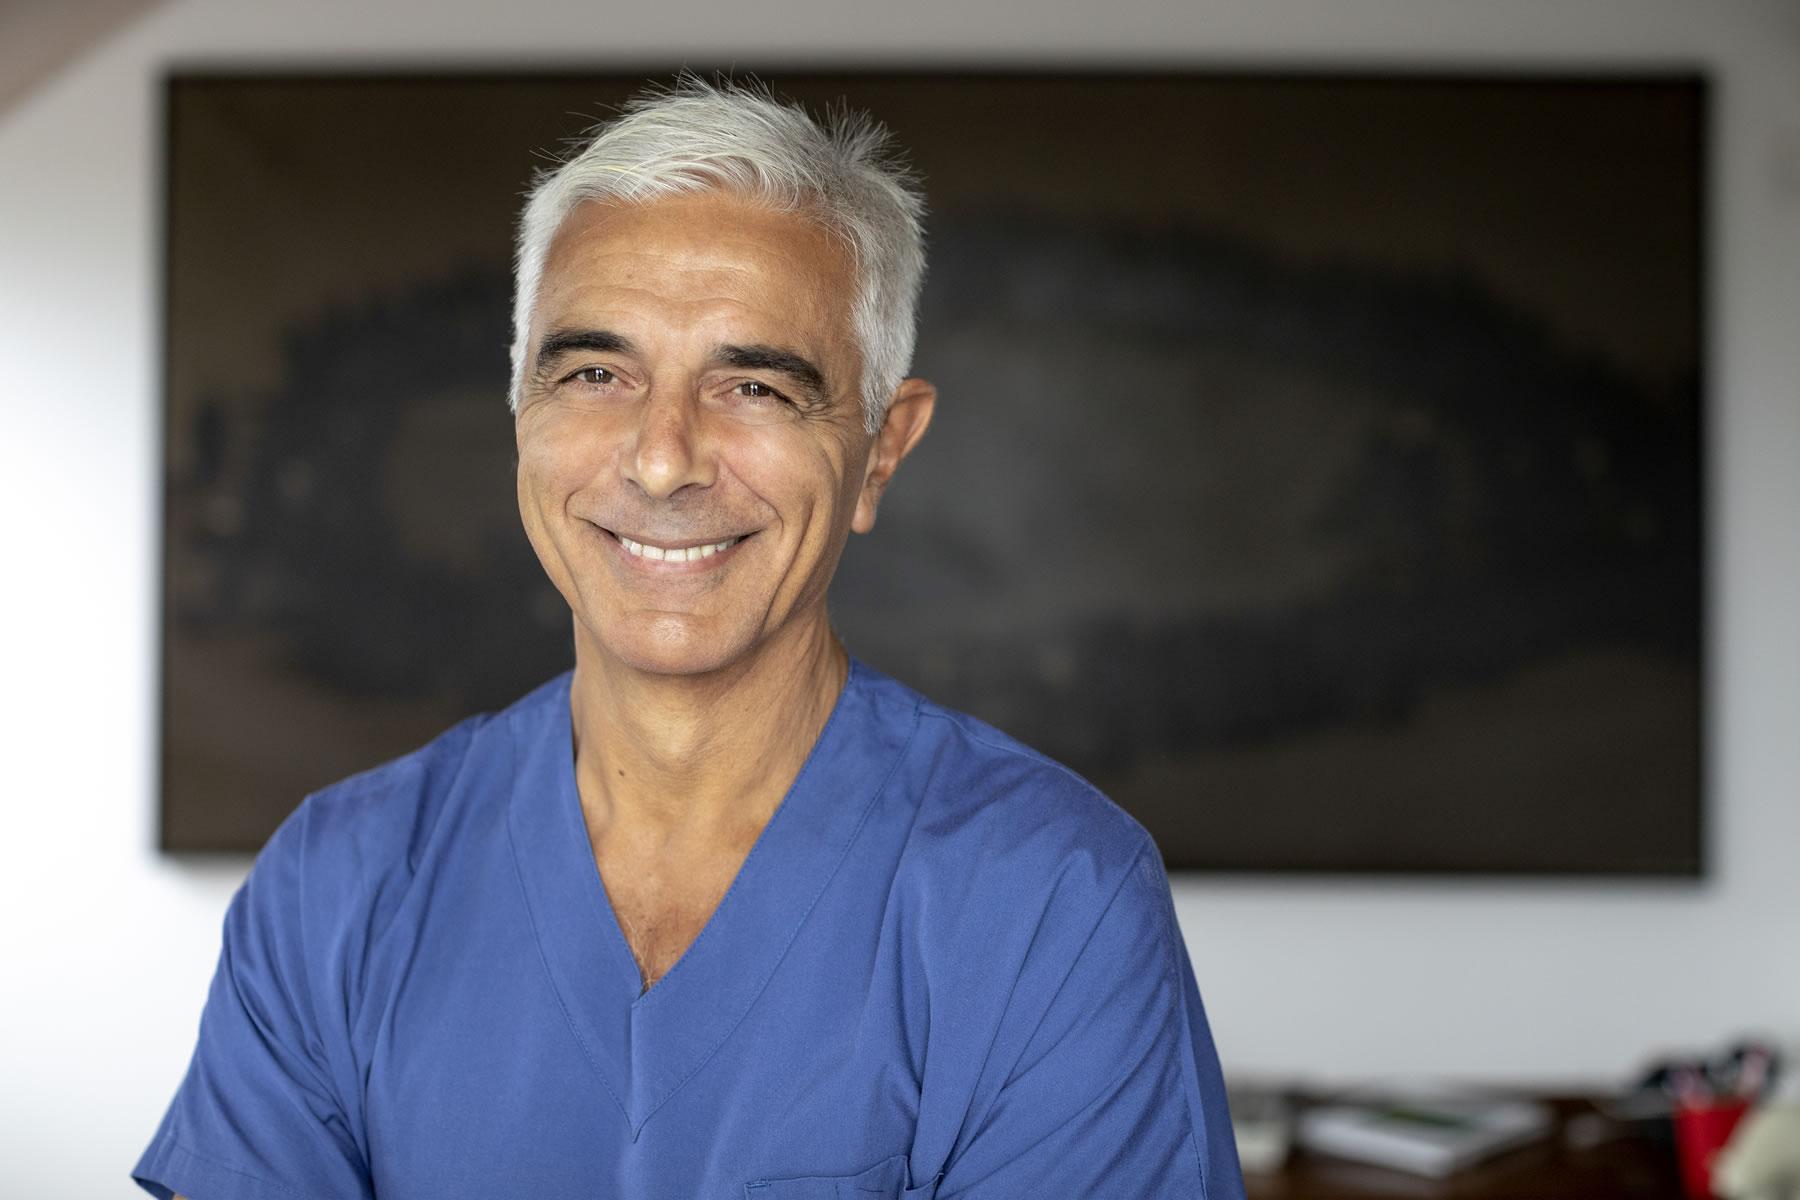 Dr. Clemente Zorzetto